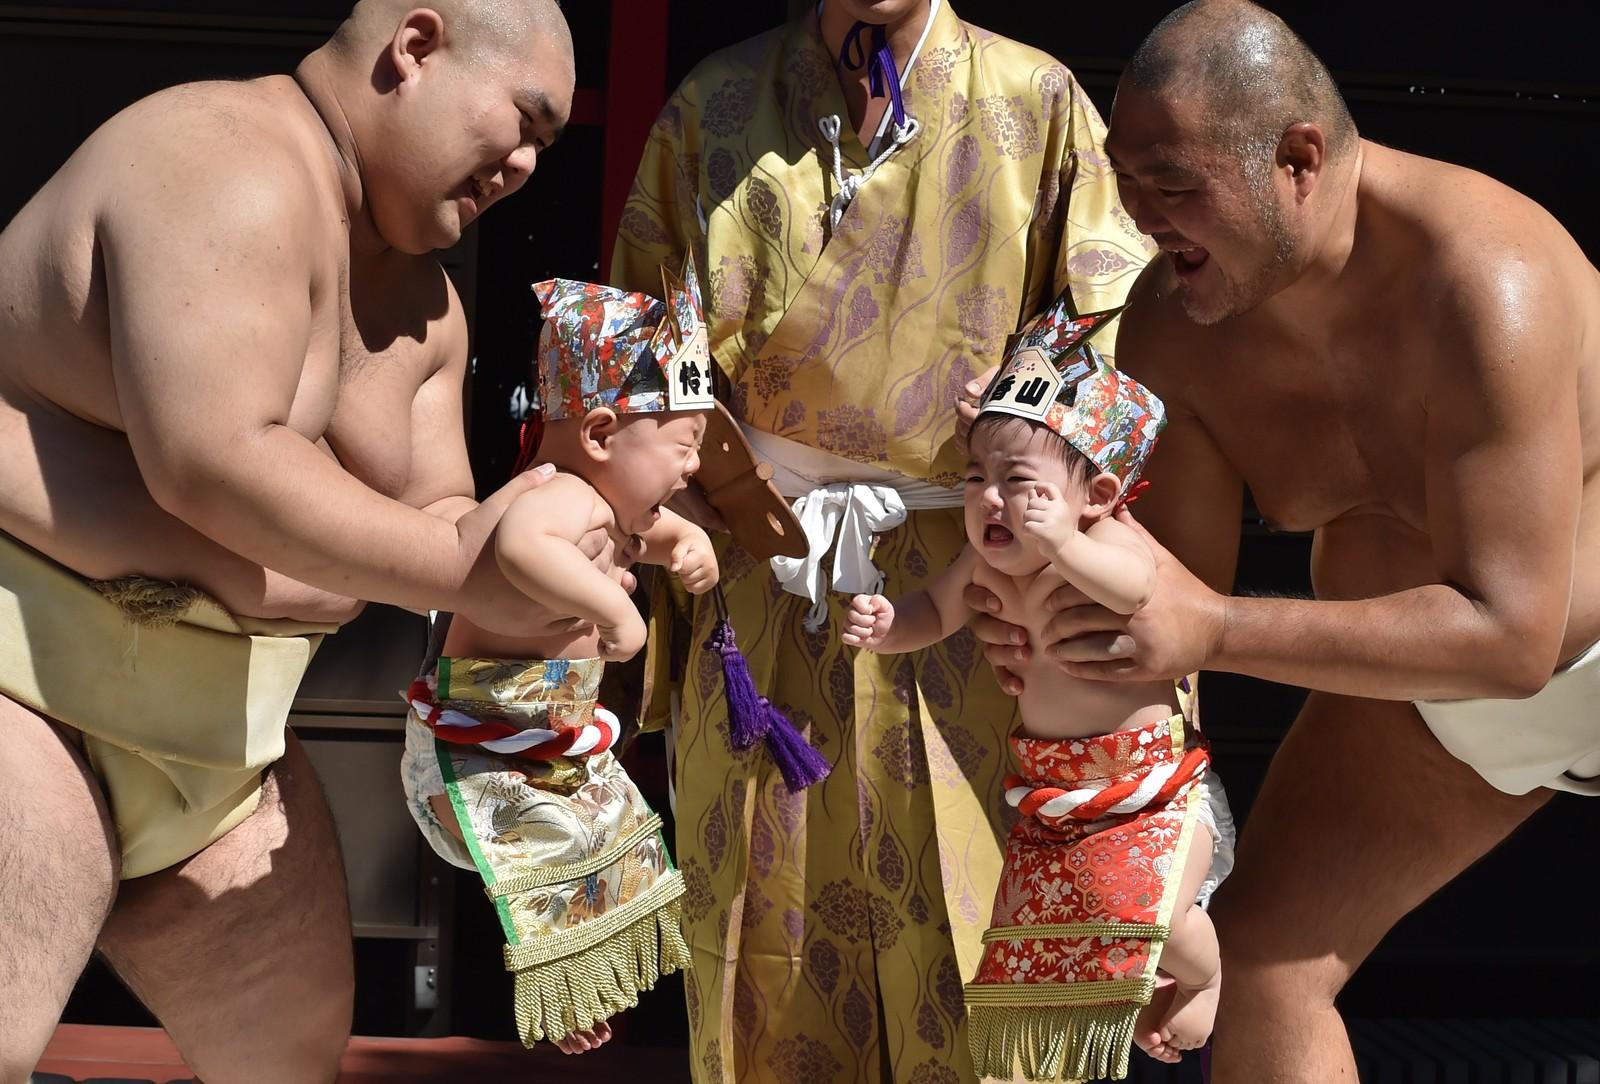 «Baby-cry Sumo» heter dette. Mange japanske foreldre tror sumobrytere kan hjelpe barna til bedre helse ved å la dem skrike ut på denne måten.